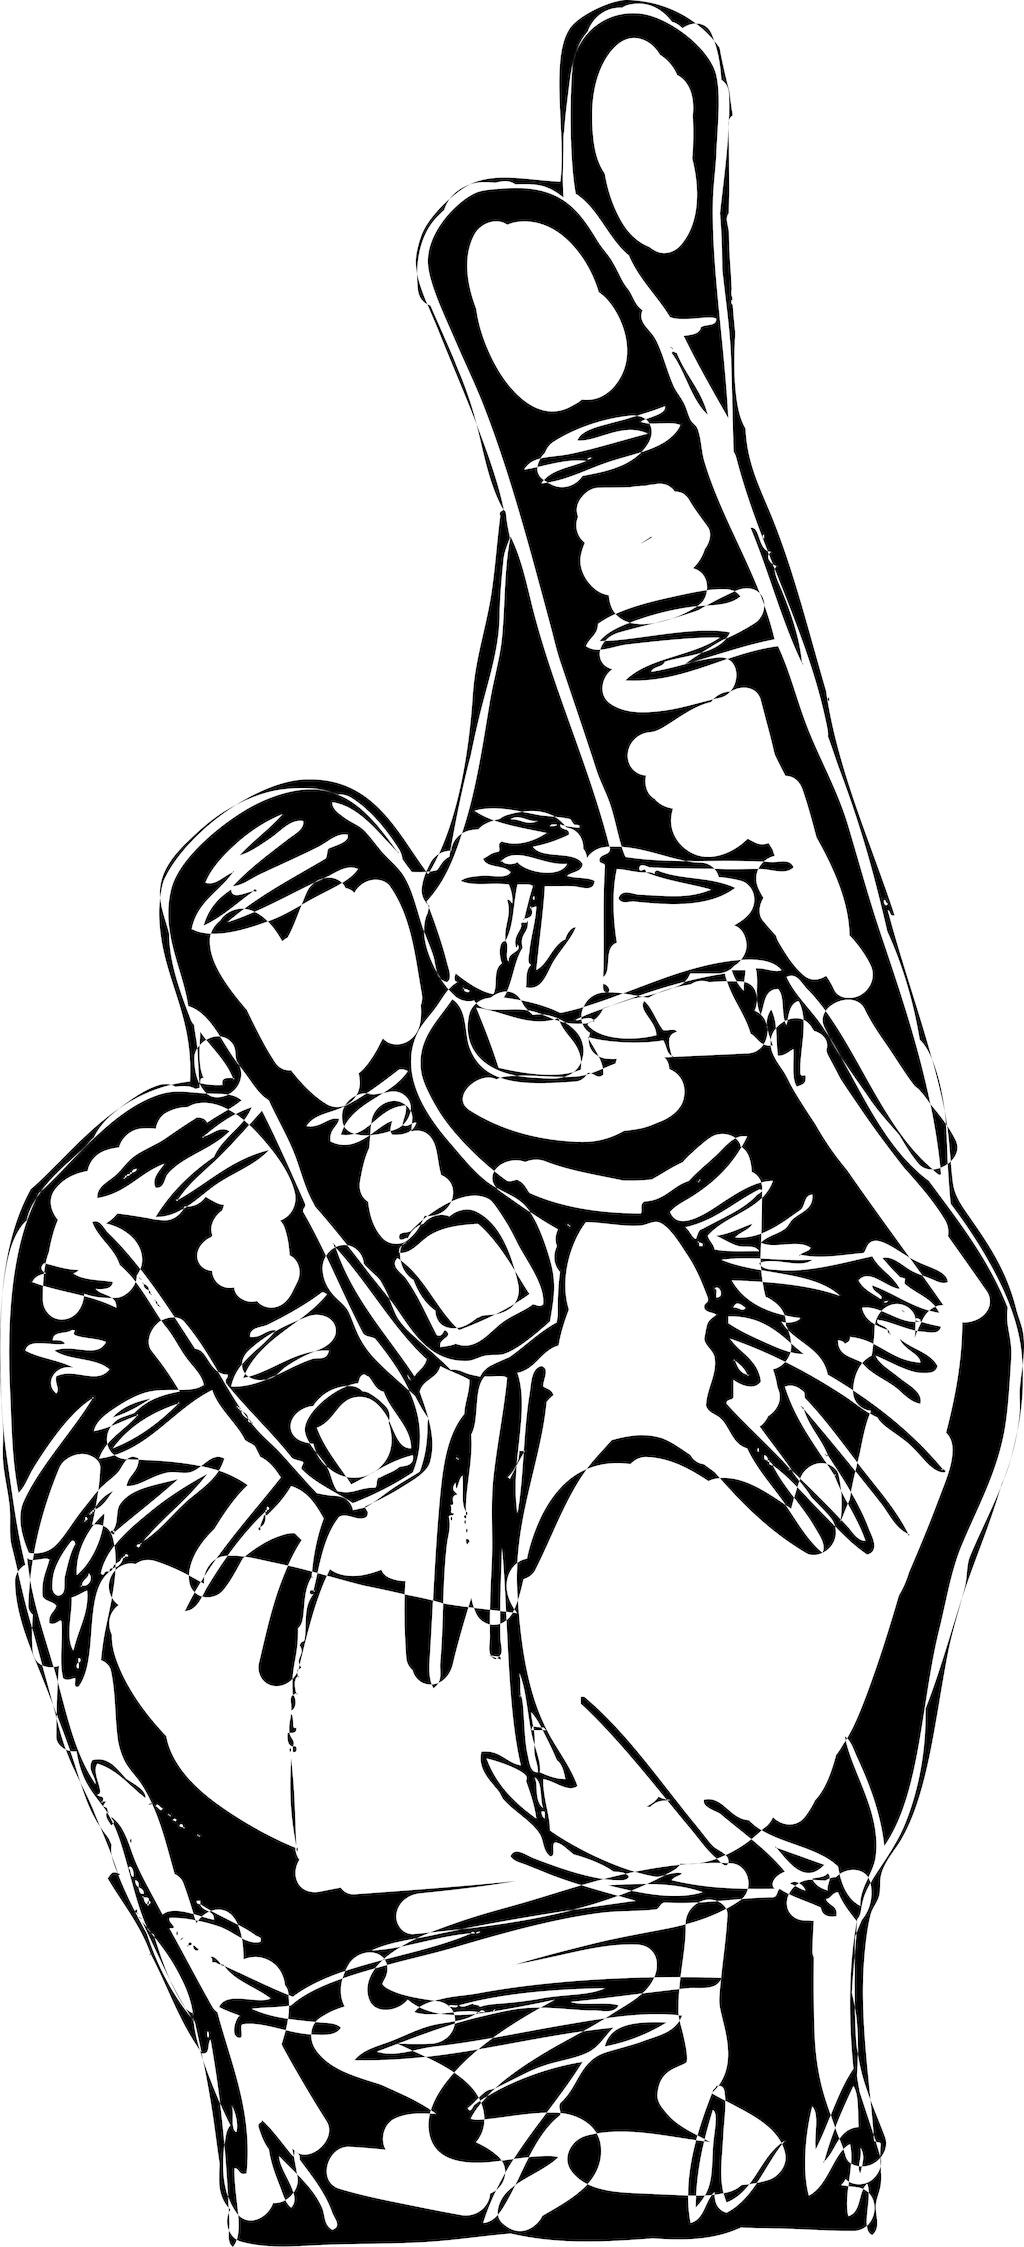 交叉手指的手绘插画矢量